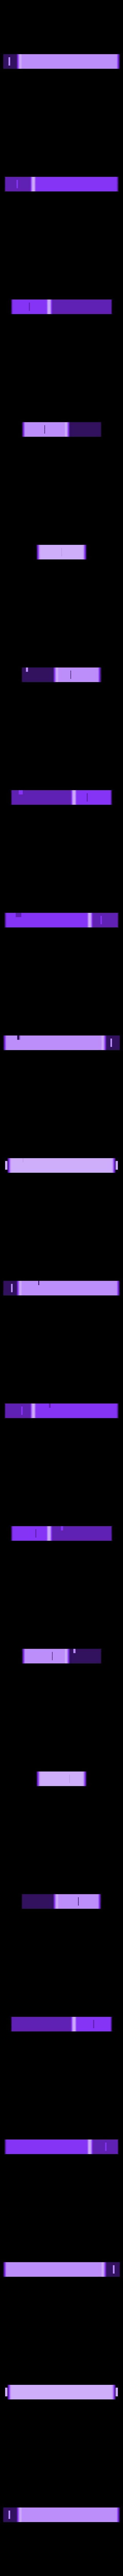 przod.stl Télécharger fichier STL gratuit Housse Sensirion SHT31 • Design pour impression 3D, kpawel